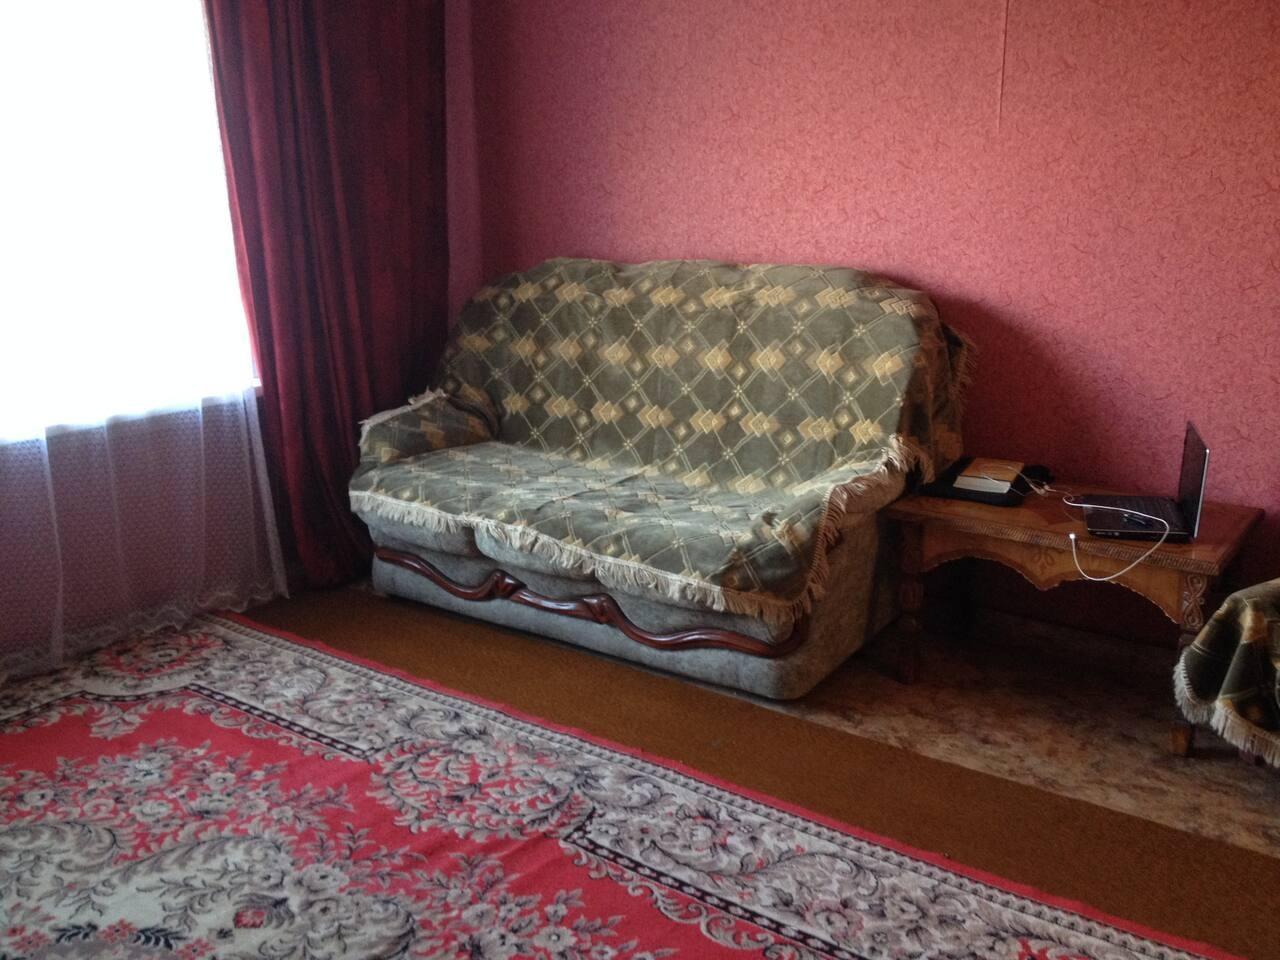 Квартира, 1 комната, 38 м² в Долгопрудном 89164047250 купить 1